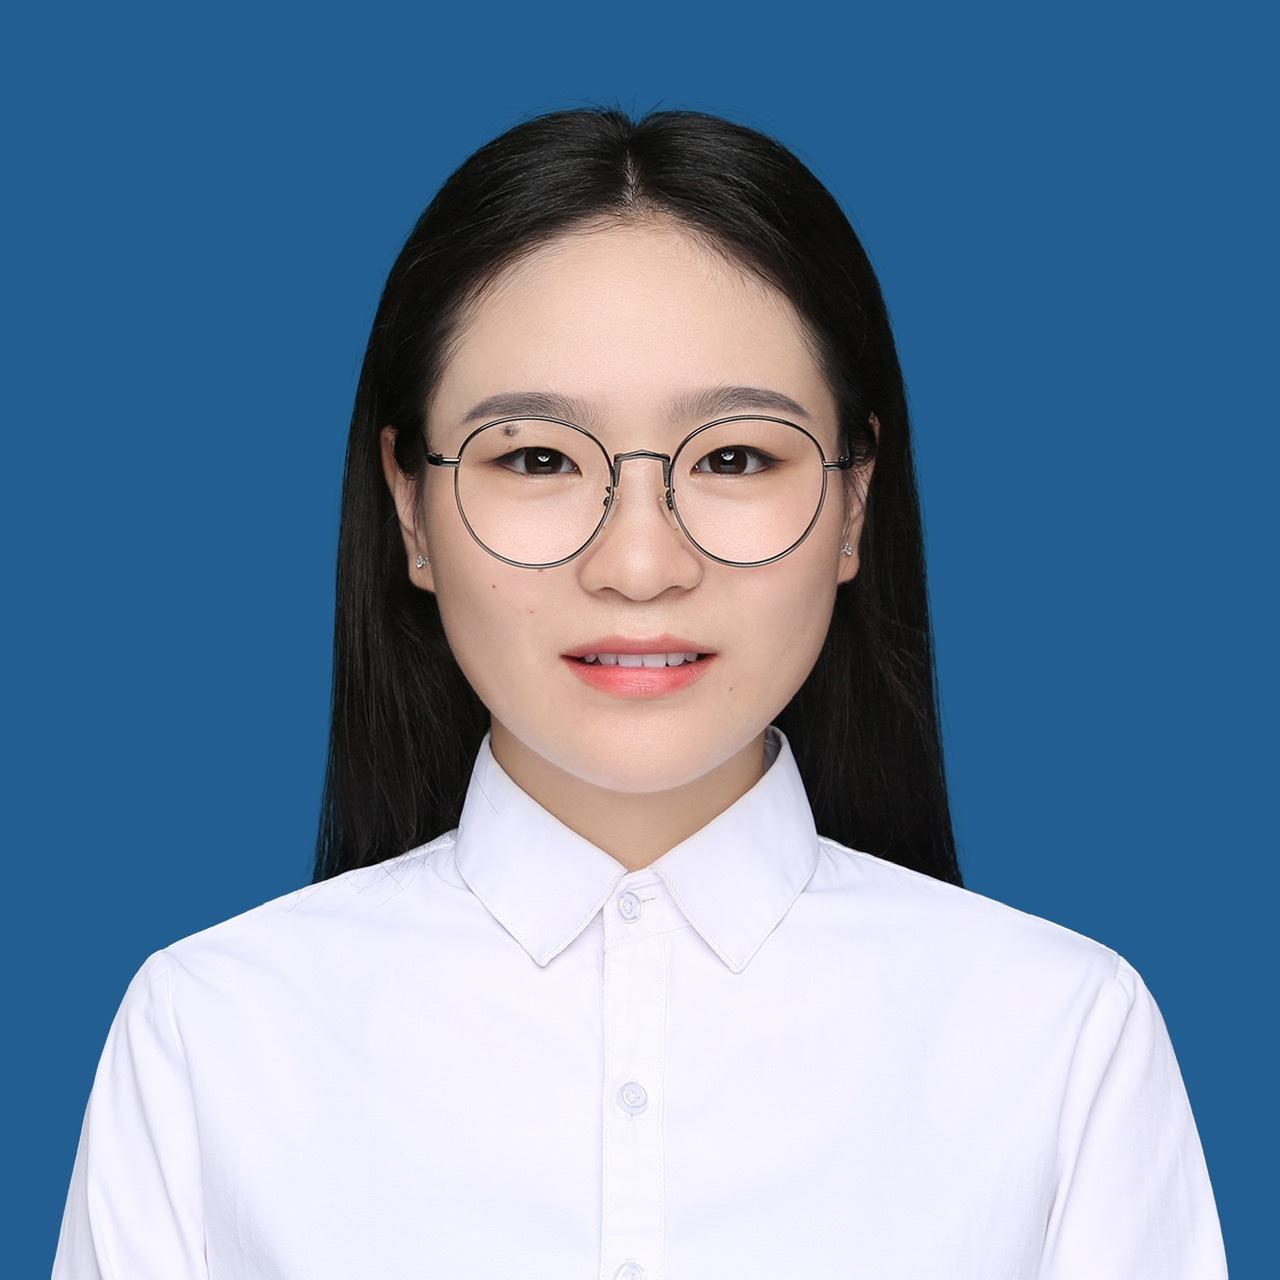 杭州家教华教员